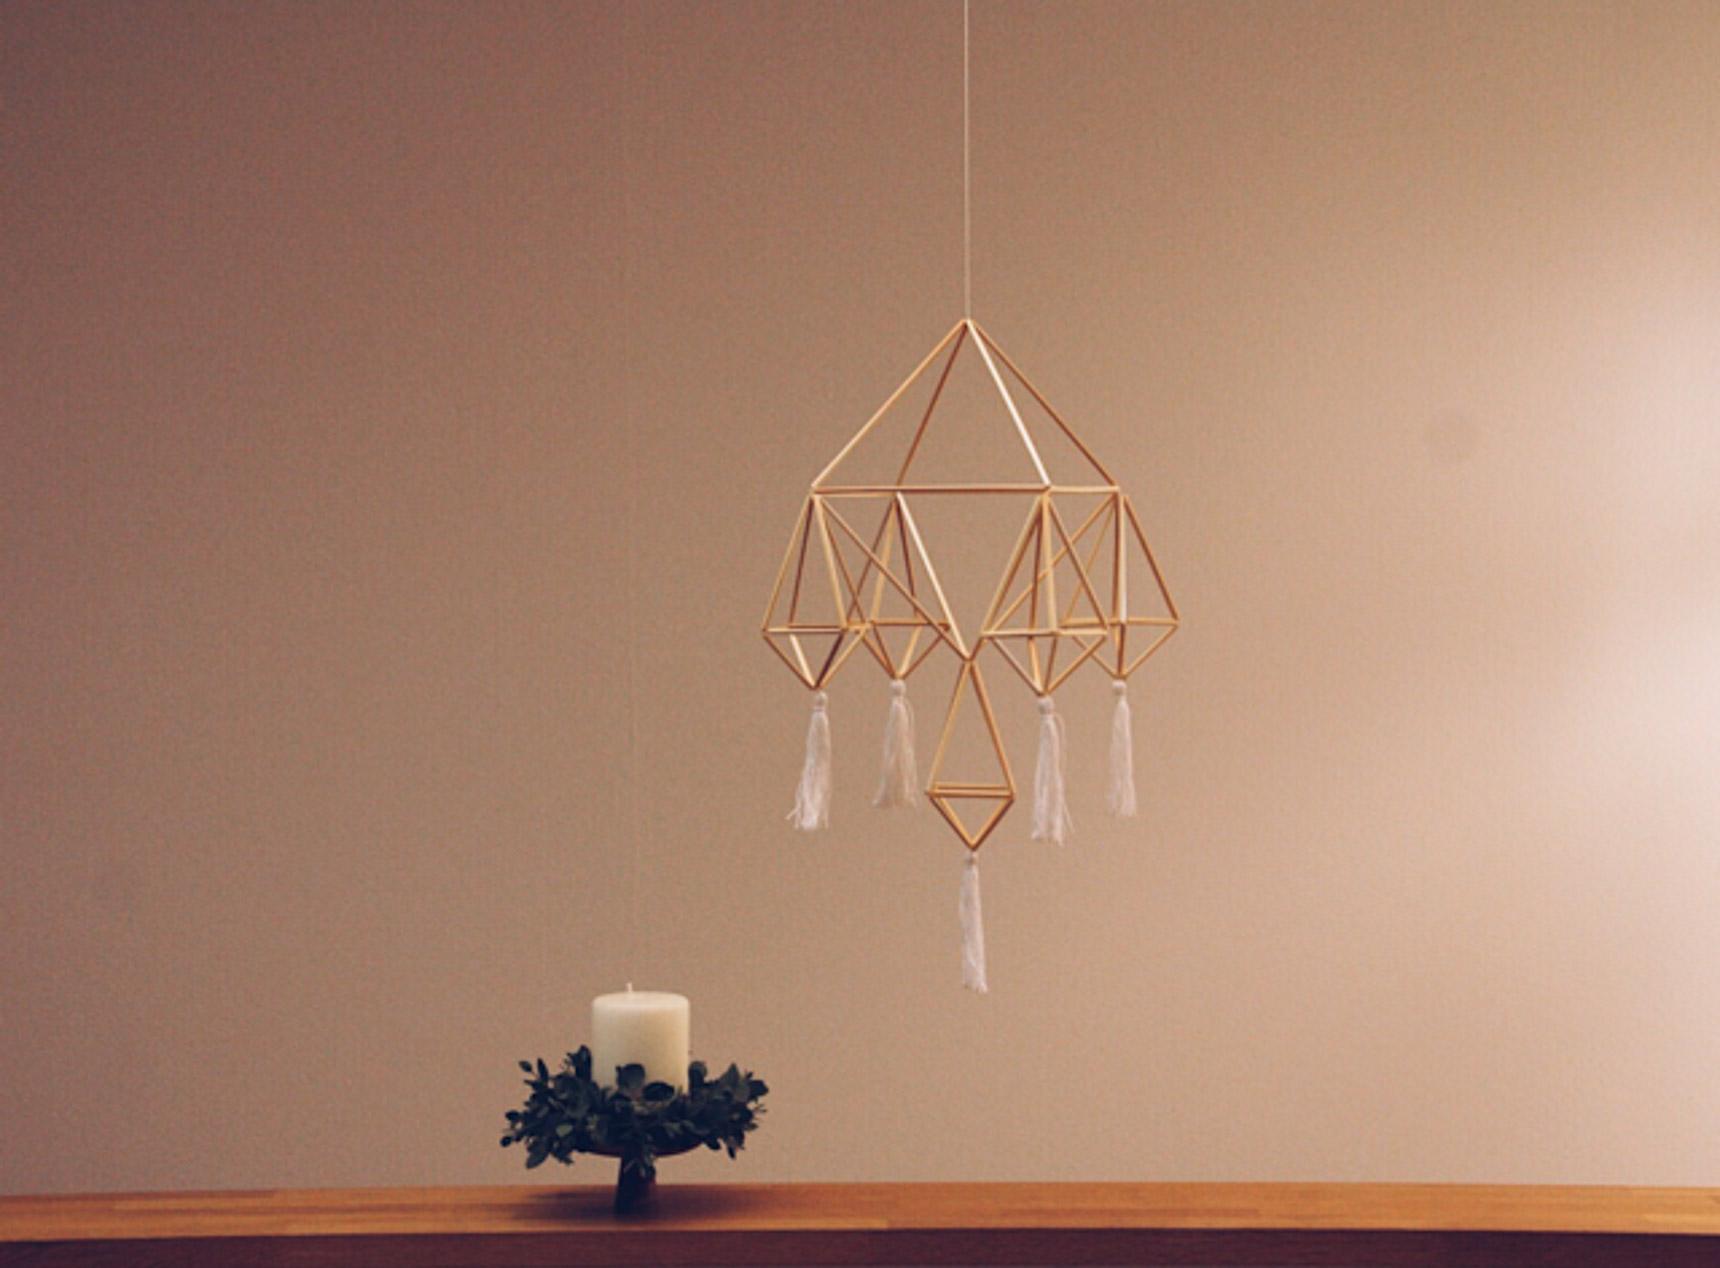 冬至を祝う北欧の伝統装飾「ヒンメリ」を作ってみませんか?